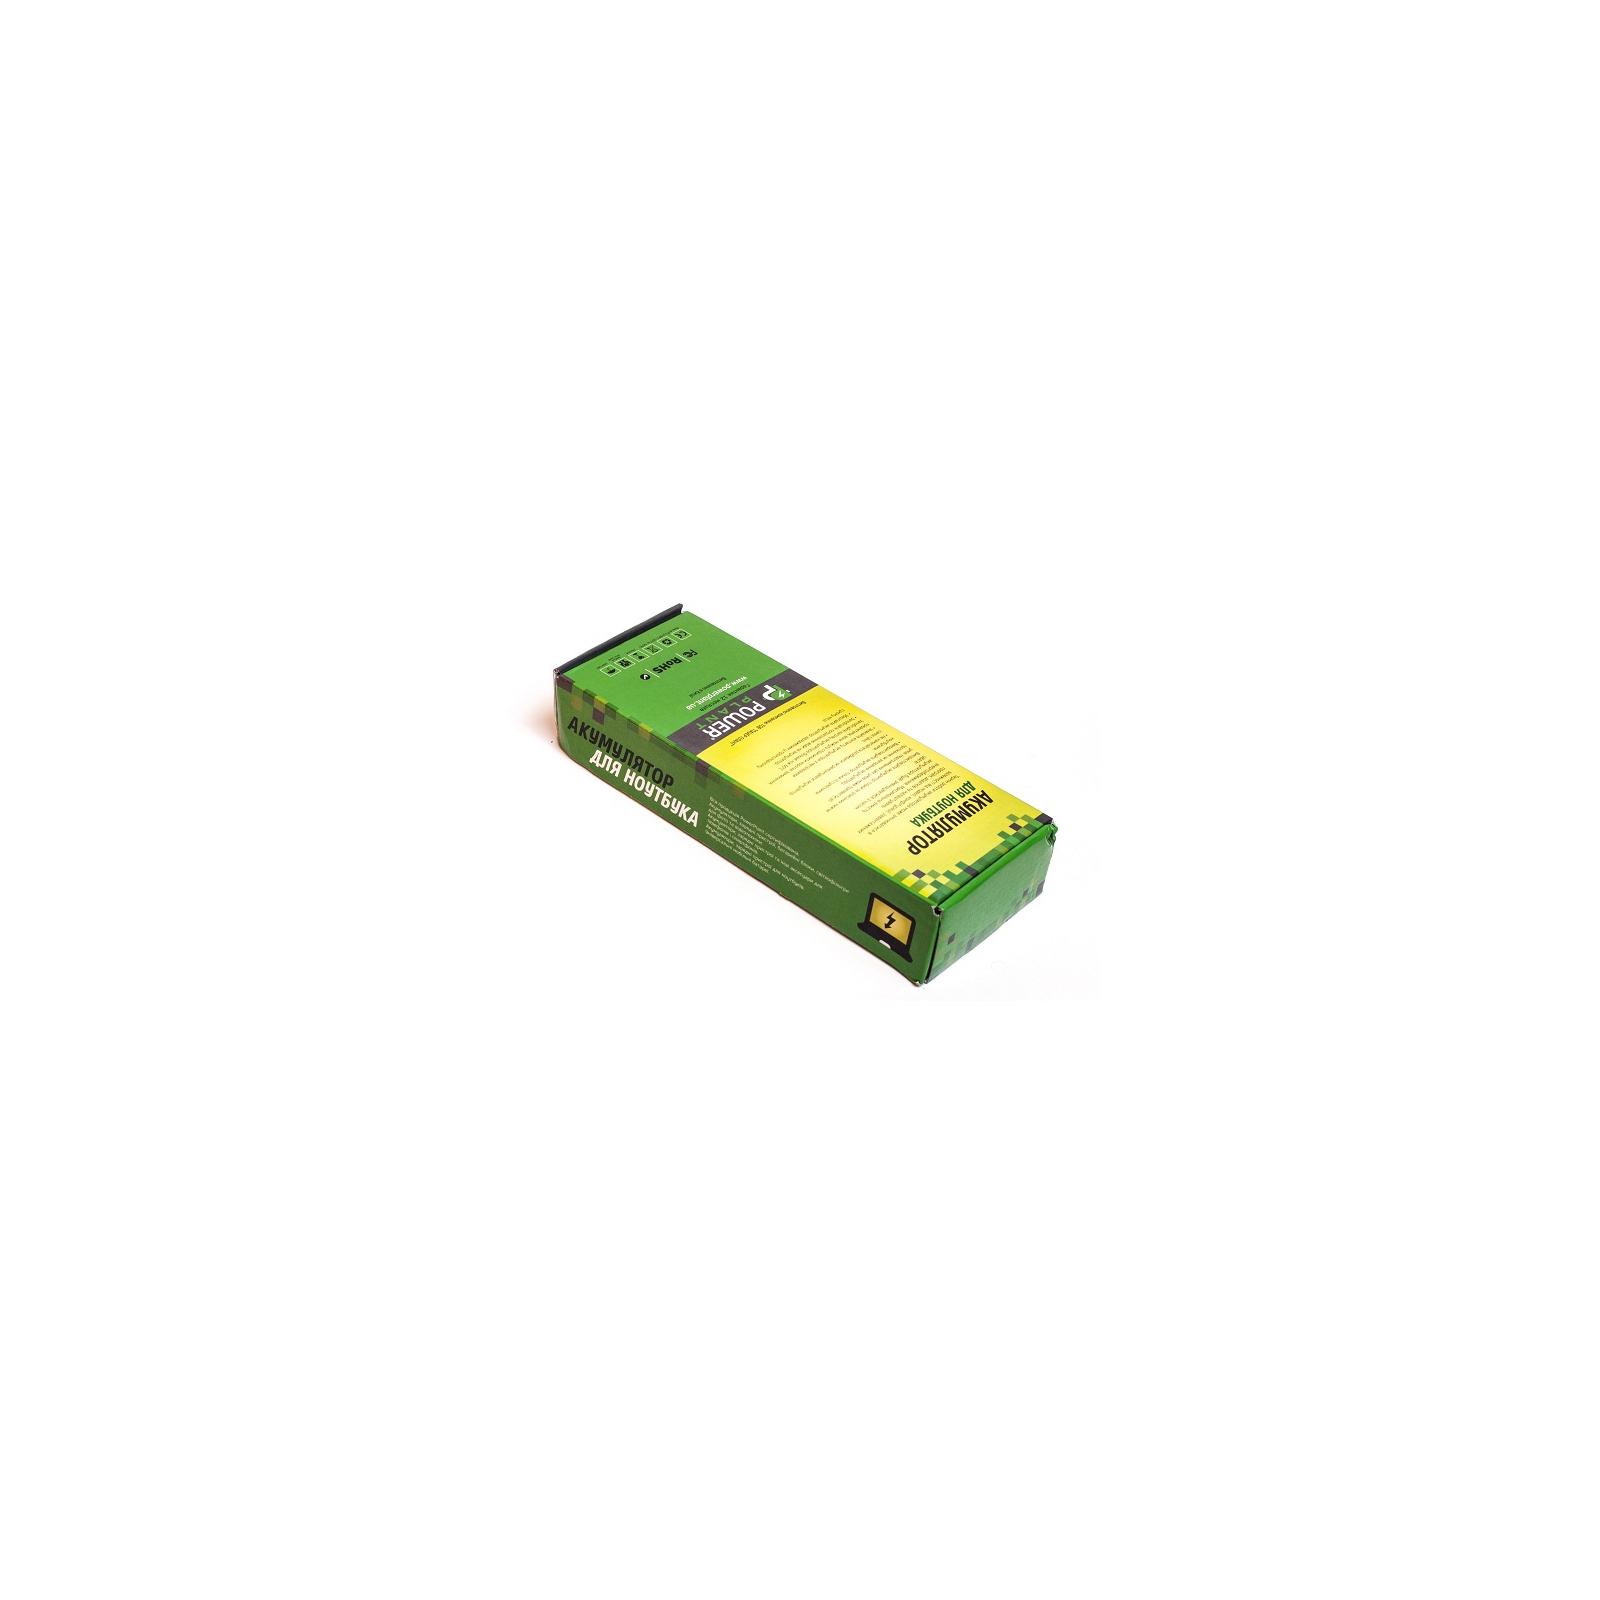 Аккумулятор для ноутбука TOSHIBA Dynabook T752 (PA5024U-1BRS) 10.8V 5200mAh PowerPlant (NB00000143) изображение 2